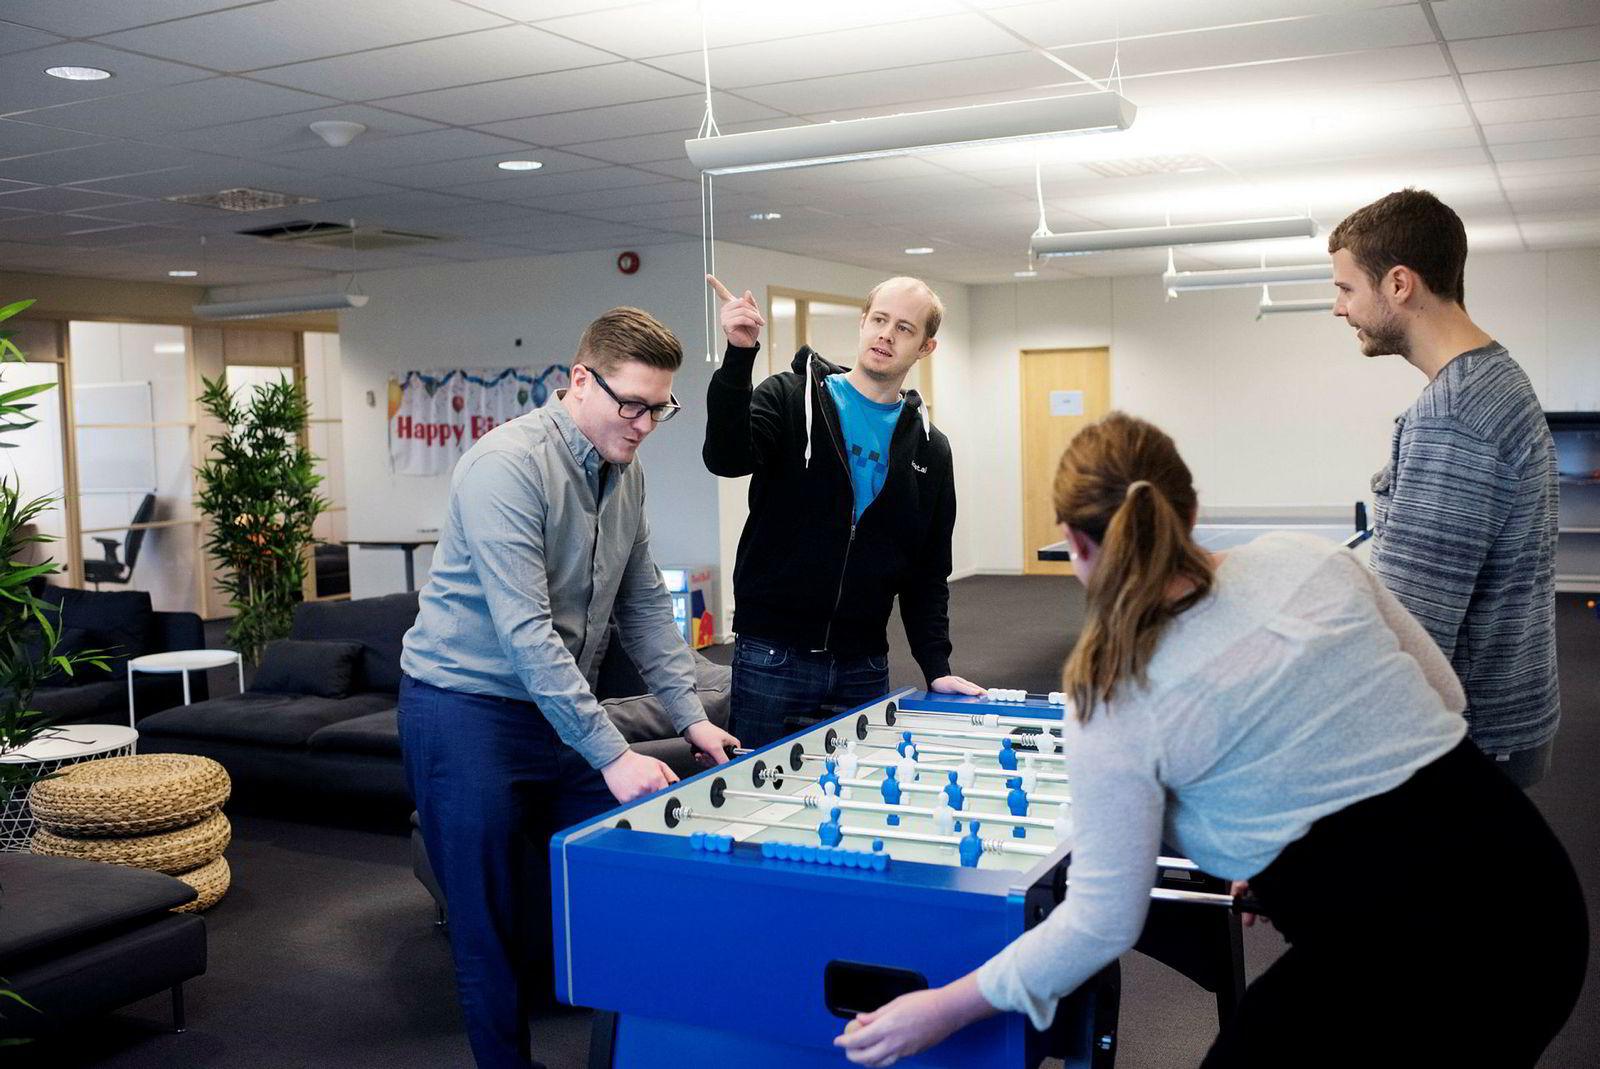 Boost ai: Fra venstre: Henry V. Iversen (CPO), og brødrene Lars Selsås (CEO) og Hadle Selsås (CCO). Bakfra: Camilla Gjetvik. Foto: Marie von Krogh